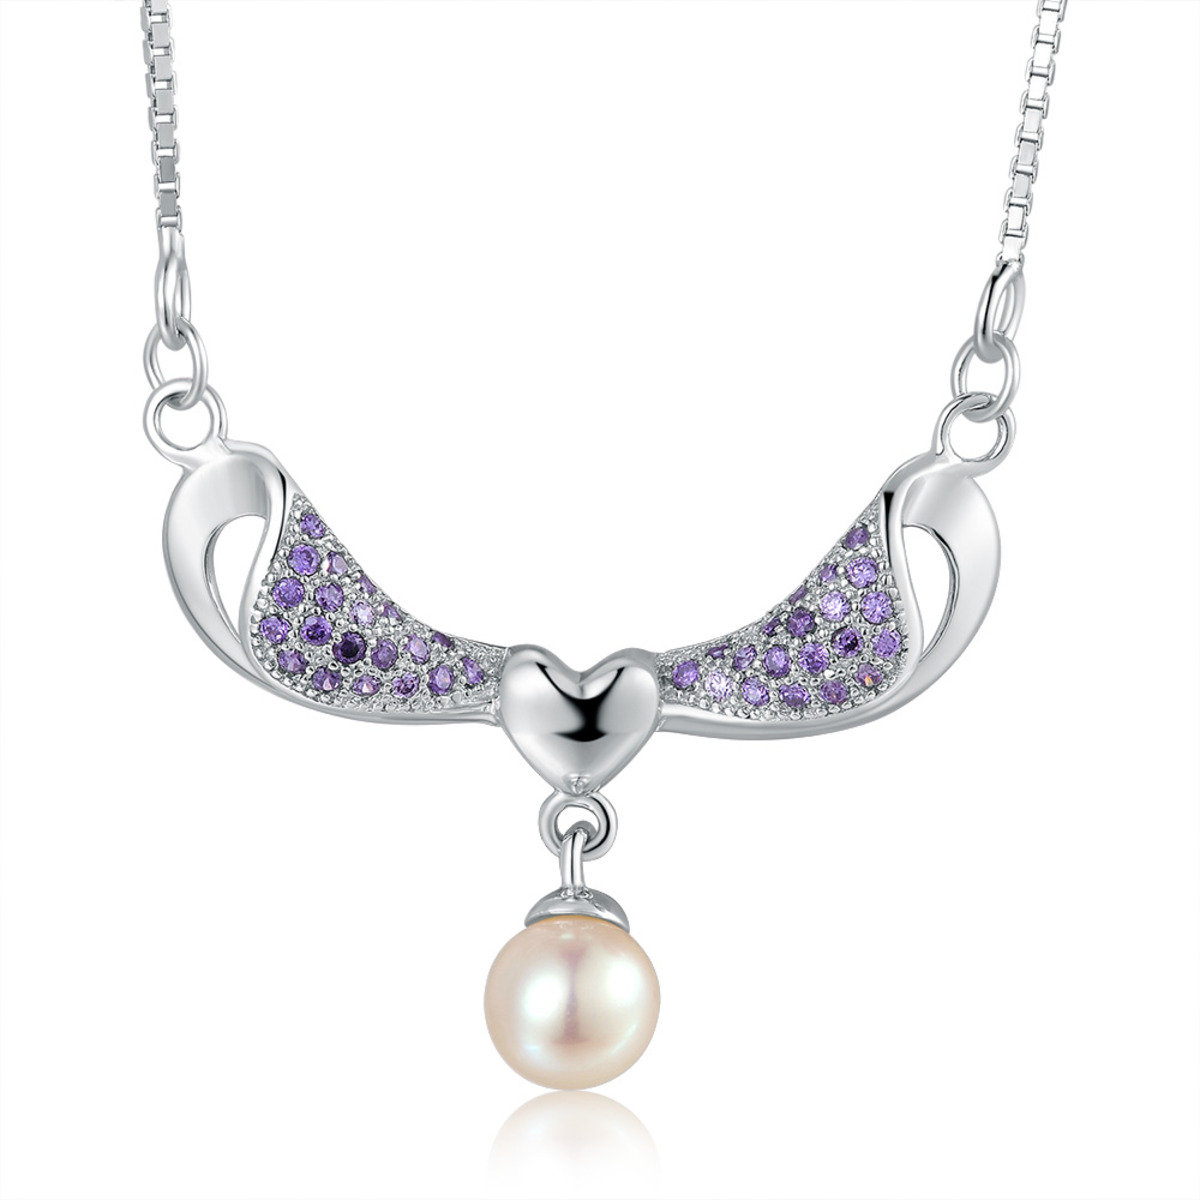 珍珠紫色鋯石項鏈 - 925 純銀